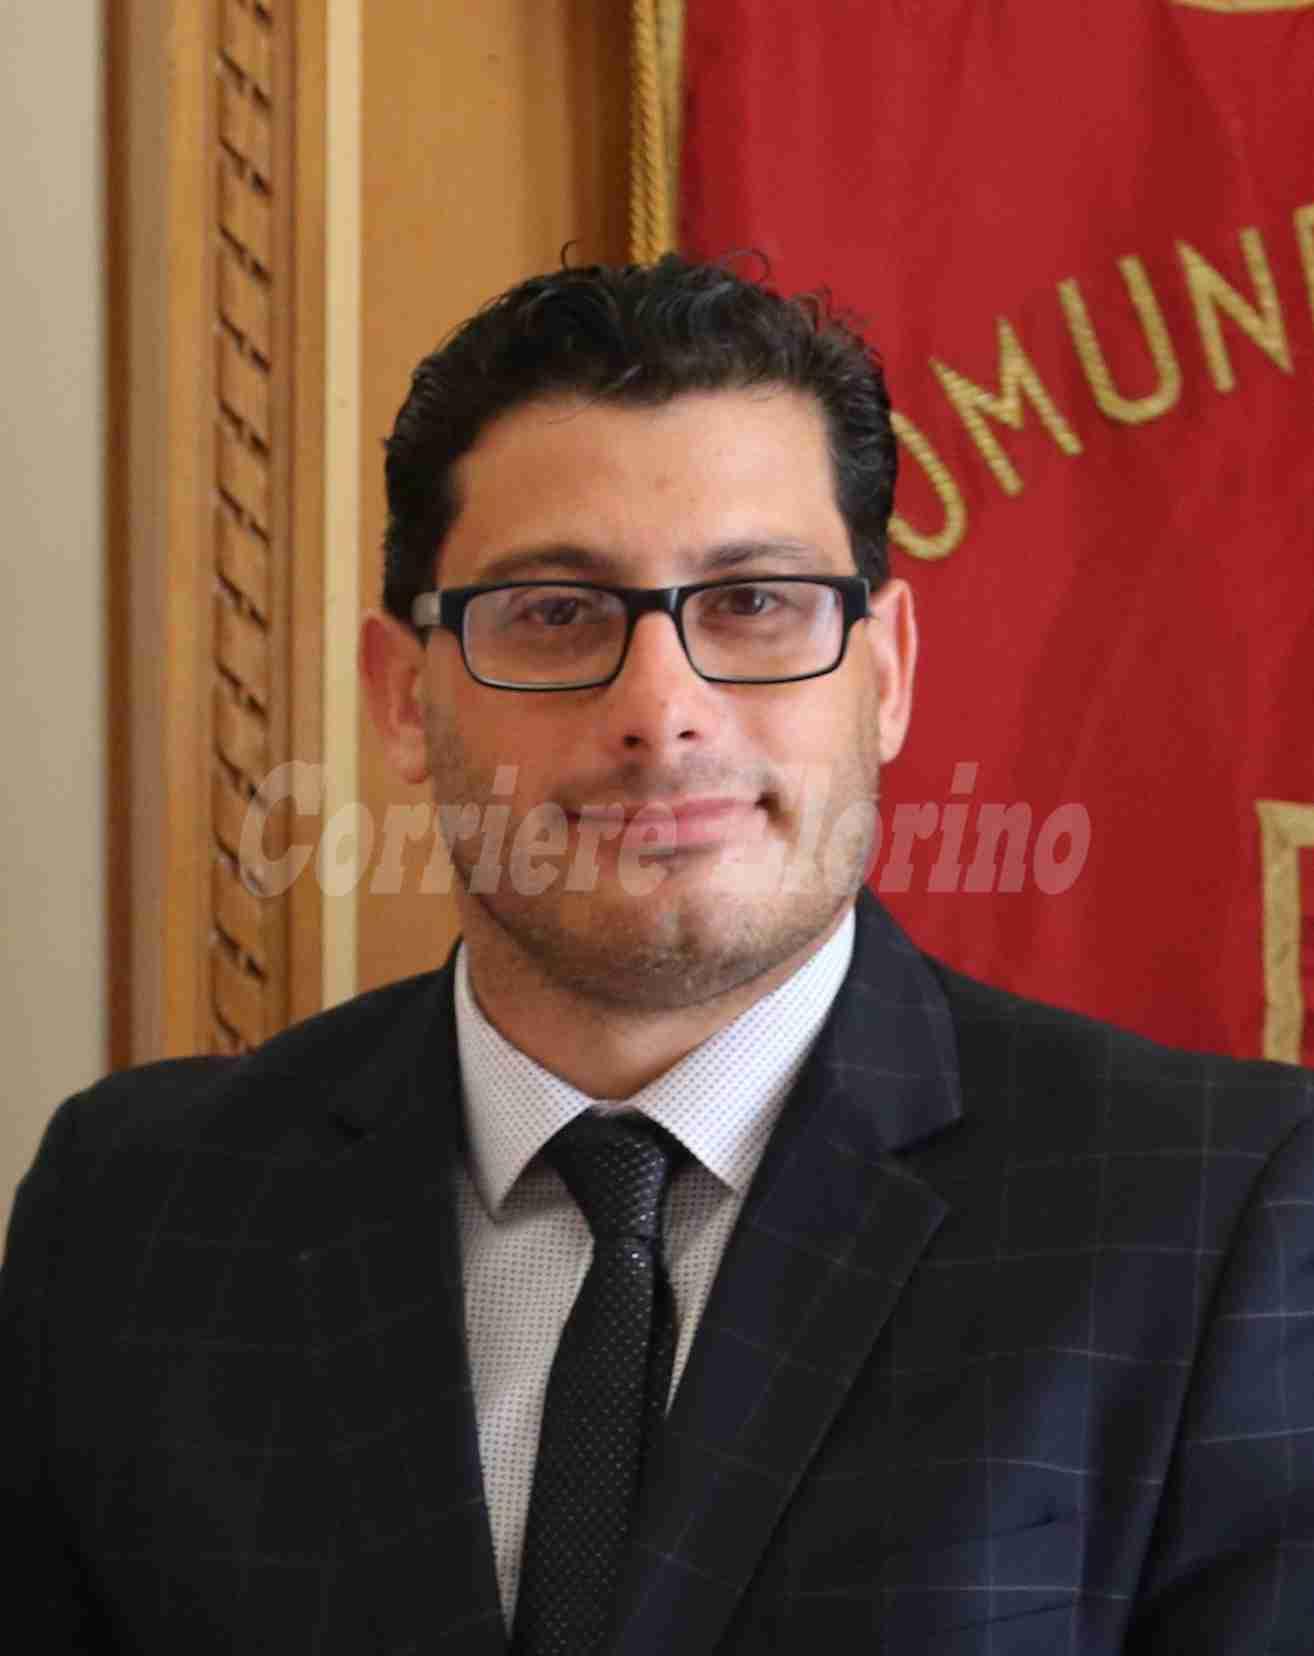 Comunità rosolinese in Argentina: al Prof. J. Ovando Salemi, l'incarico, a titolo gratuito, di consulente comunale